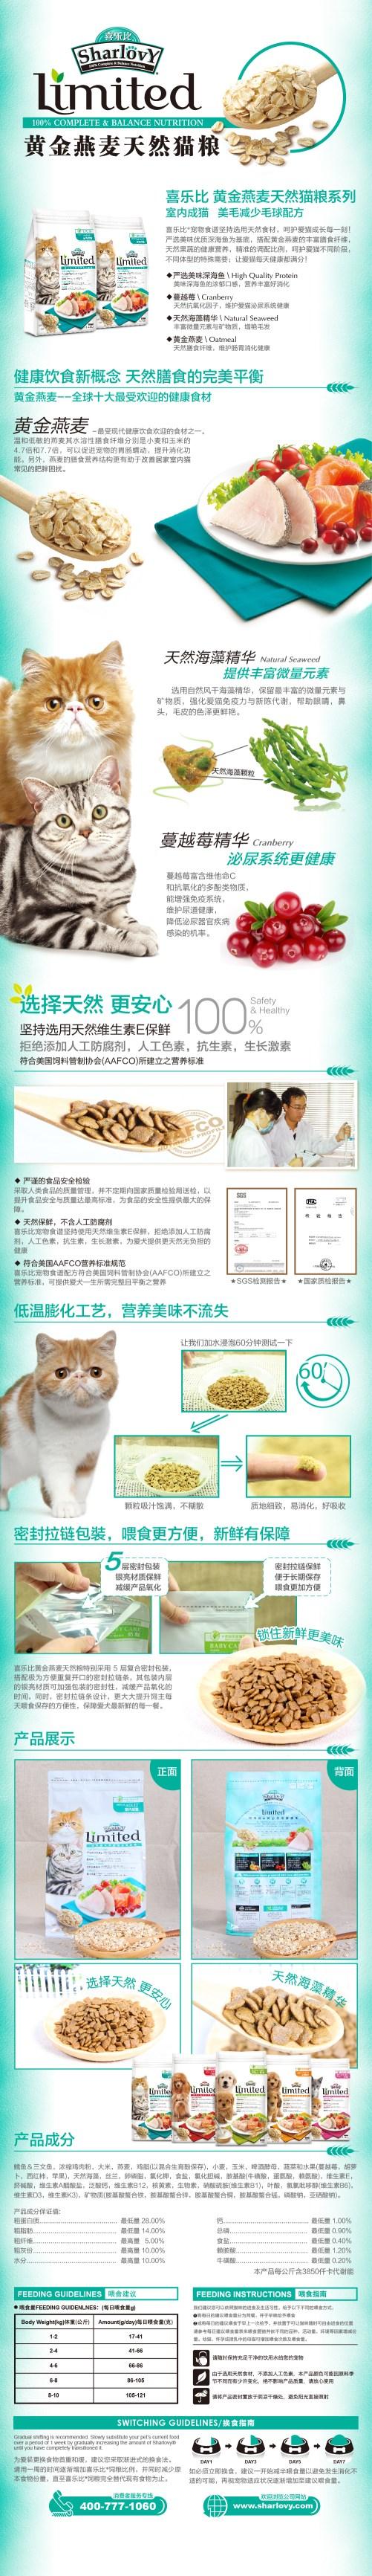 室内成猫-01.jpg